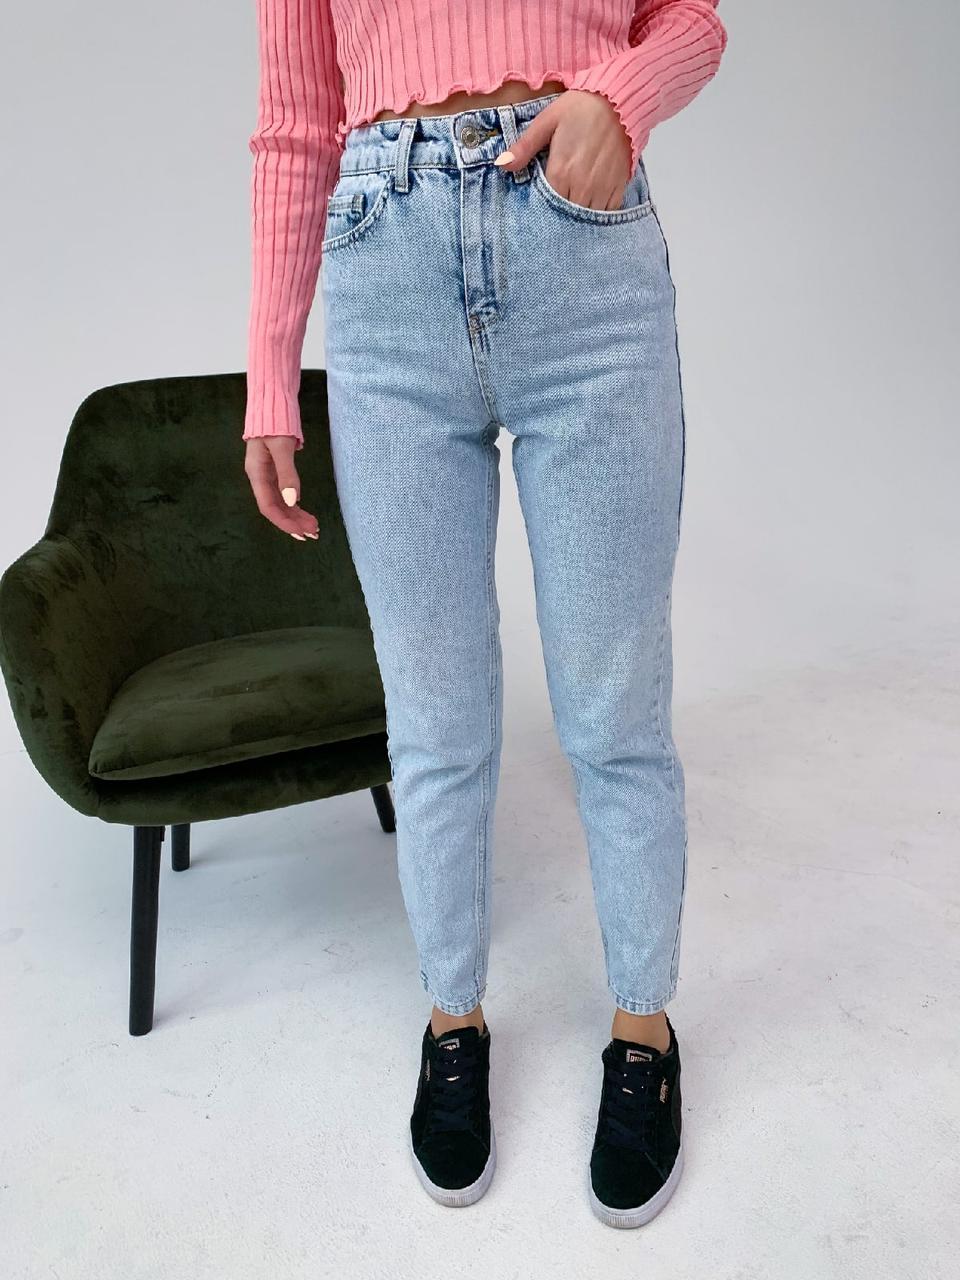 Женские джинсы - MOM в светлой расцветке на средней посадке (р. 34 - 40) 7912556